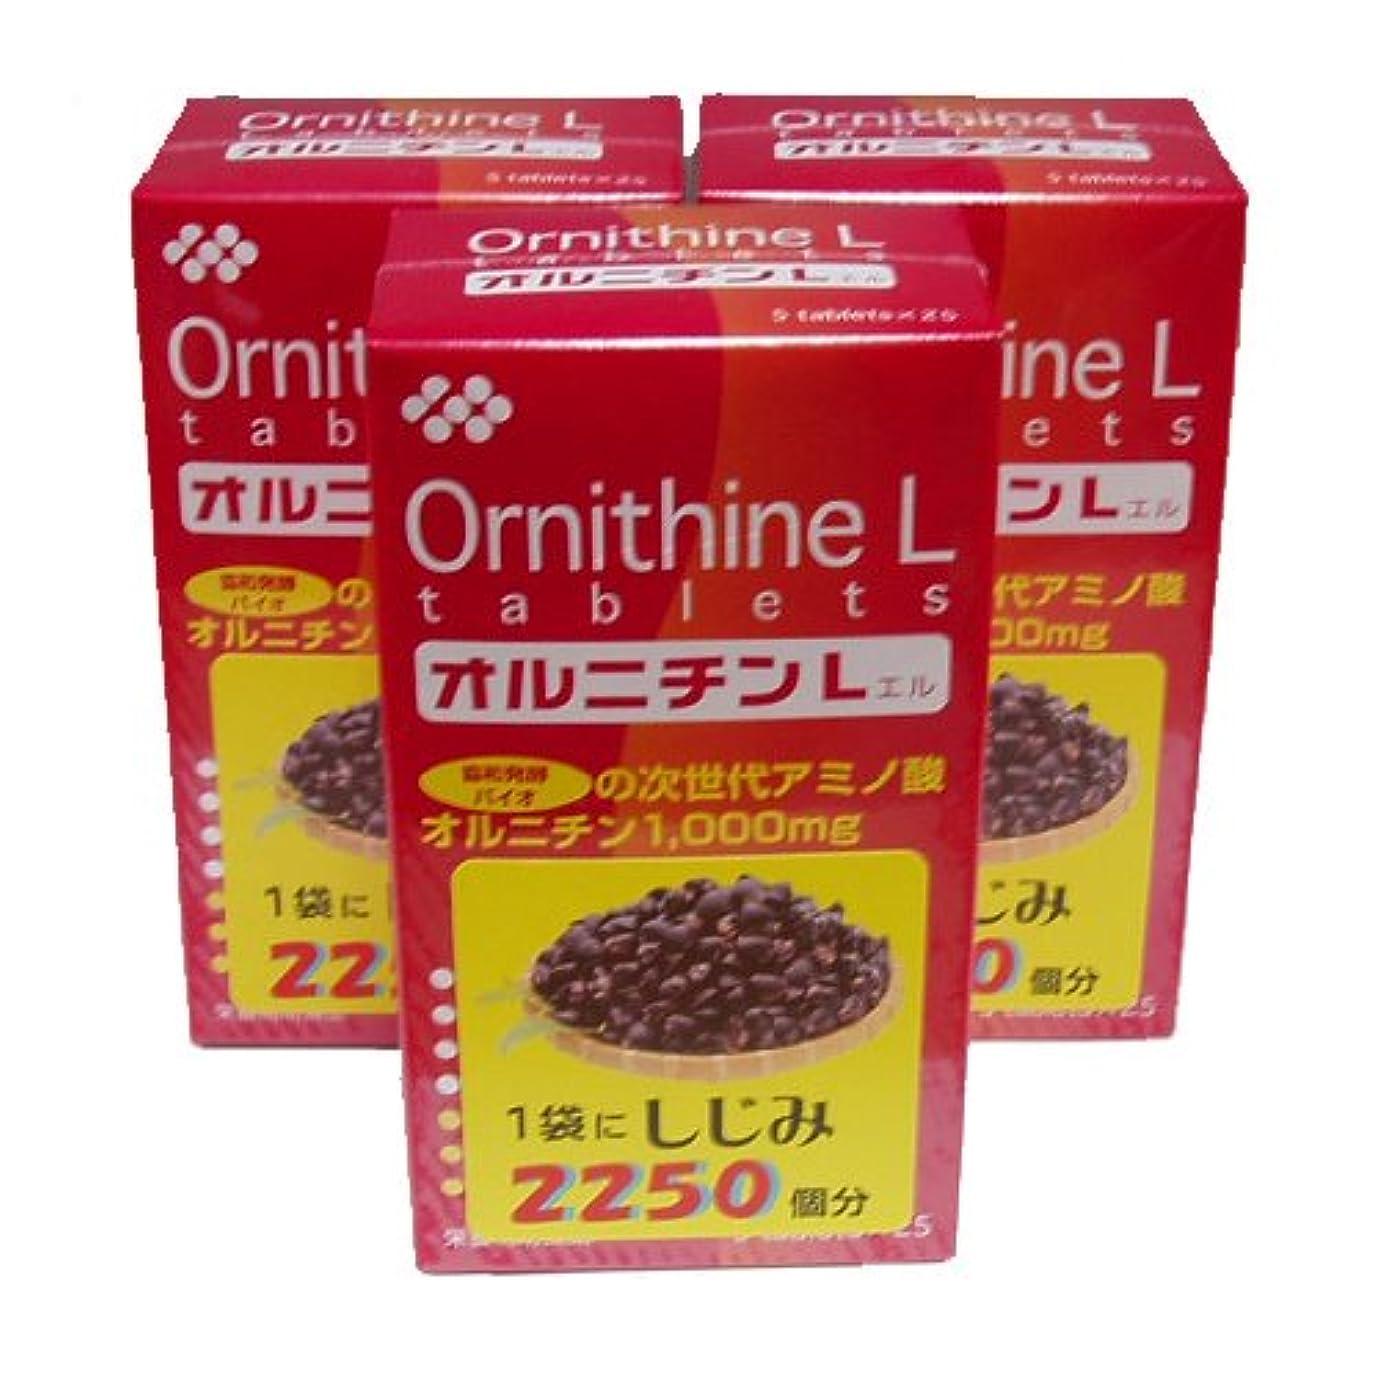 検査官出版手錠伸和製薬オルニチンL (5粒×25袋)×3個セット